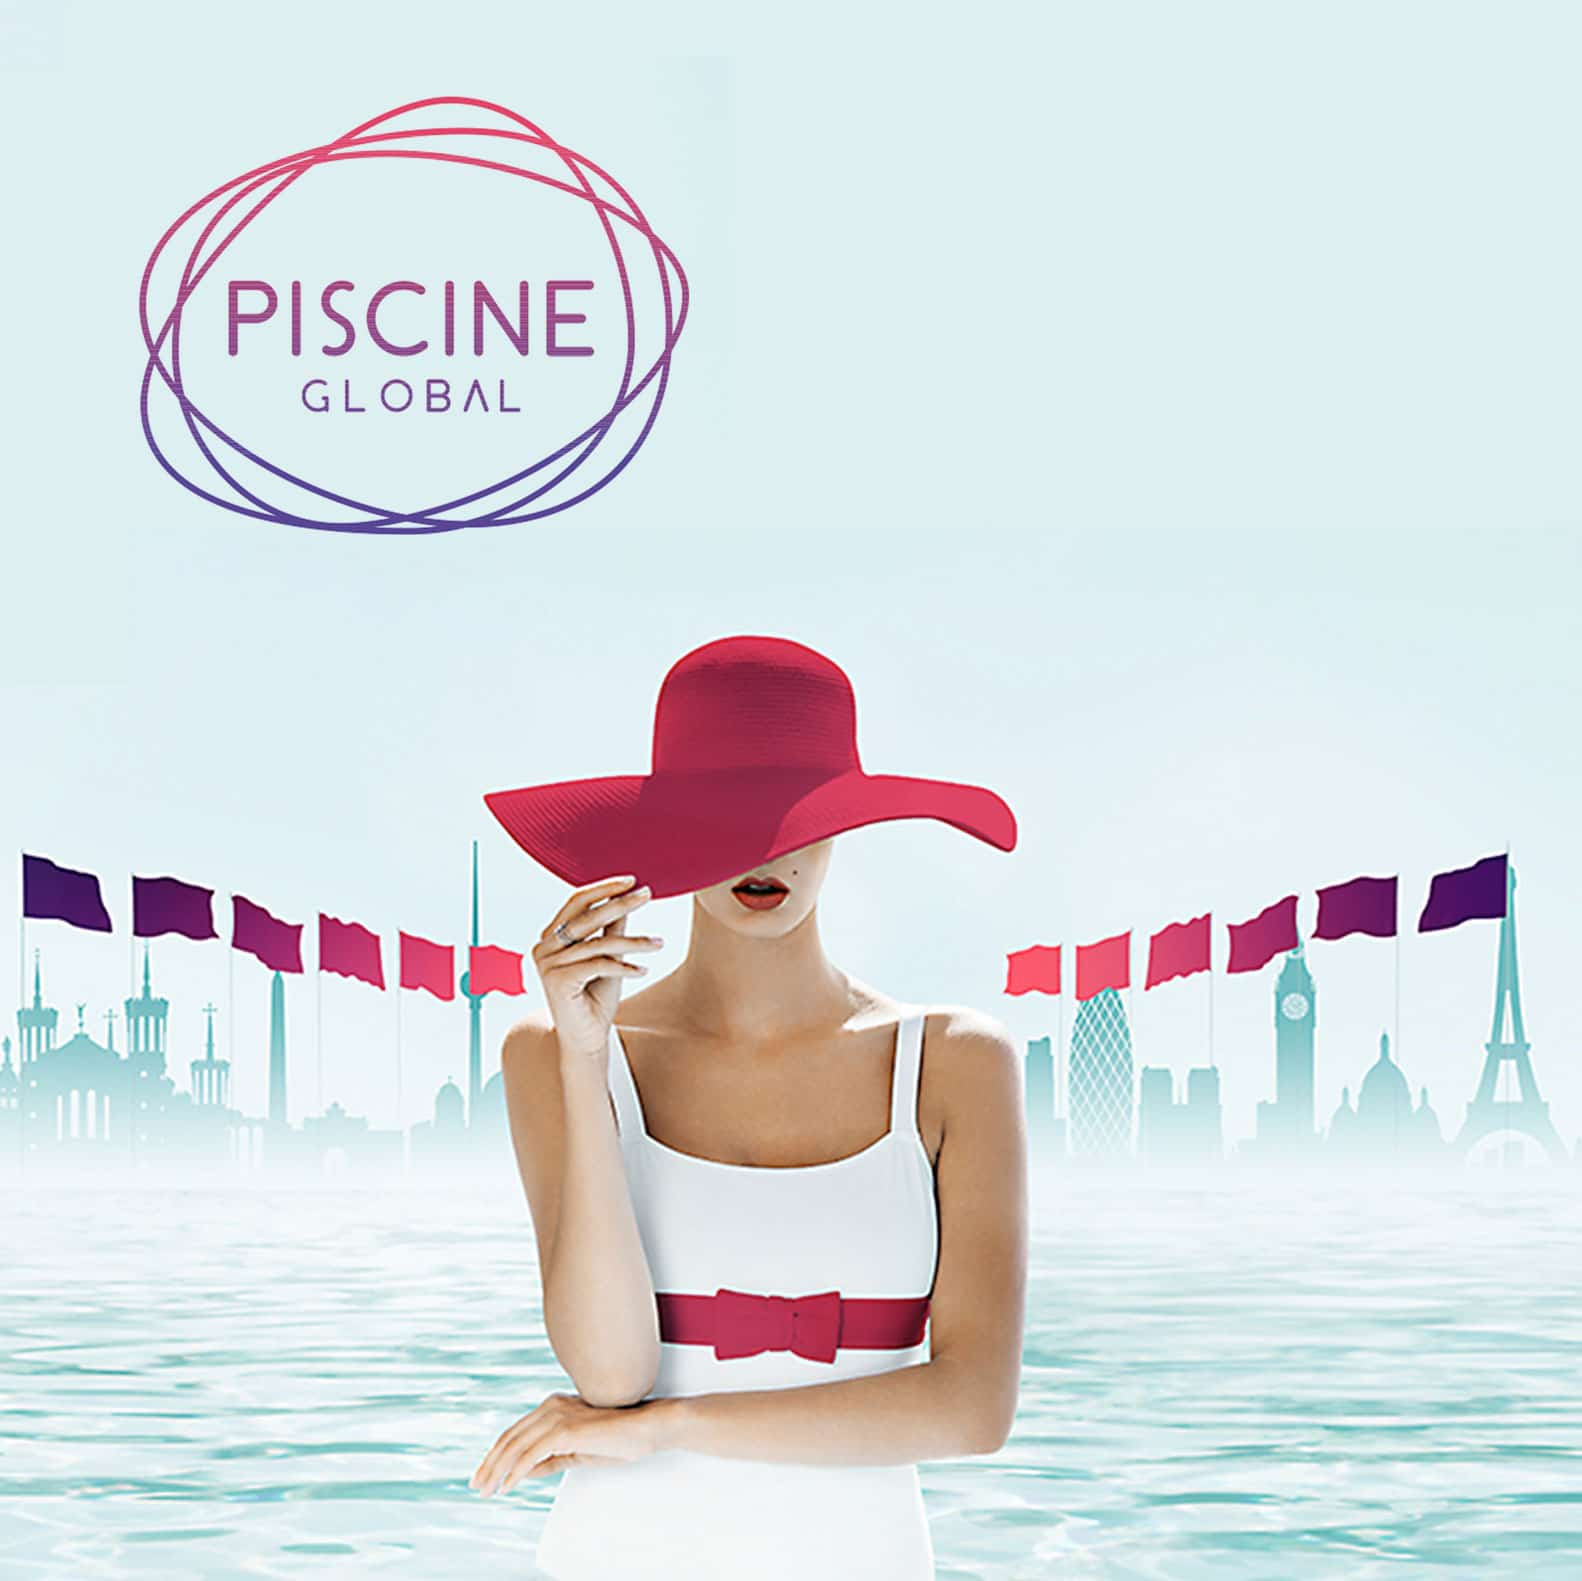 piscine-global-2018-carre-1 Accueil